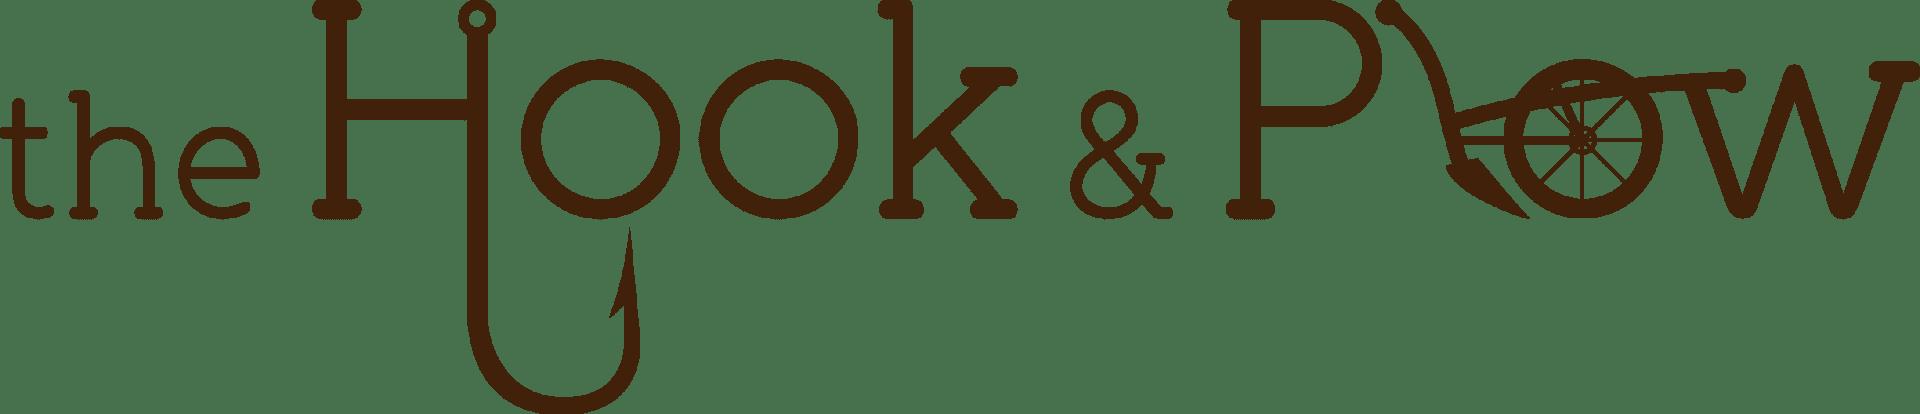 the hook & plow logo